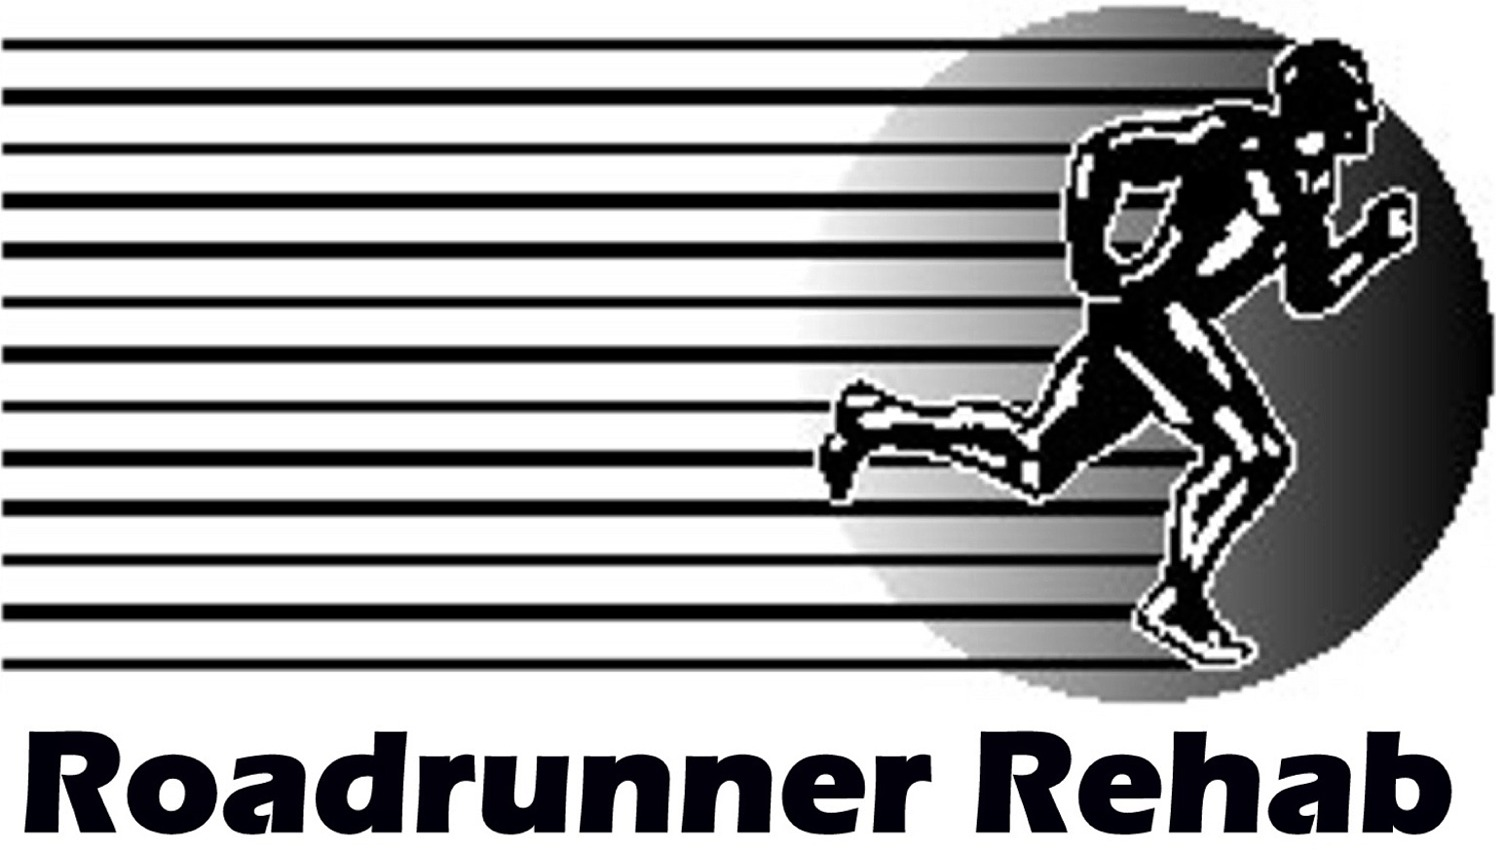 RoadRunner Rehab